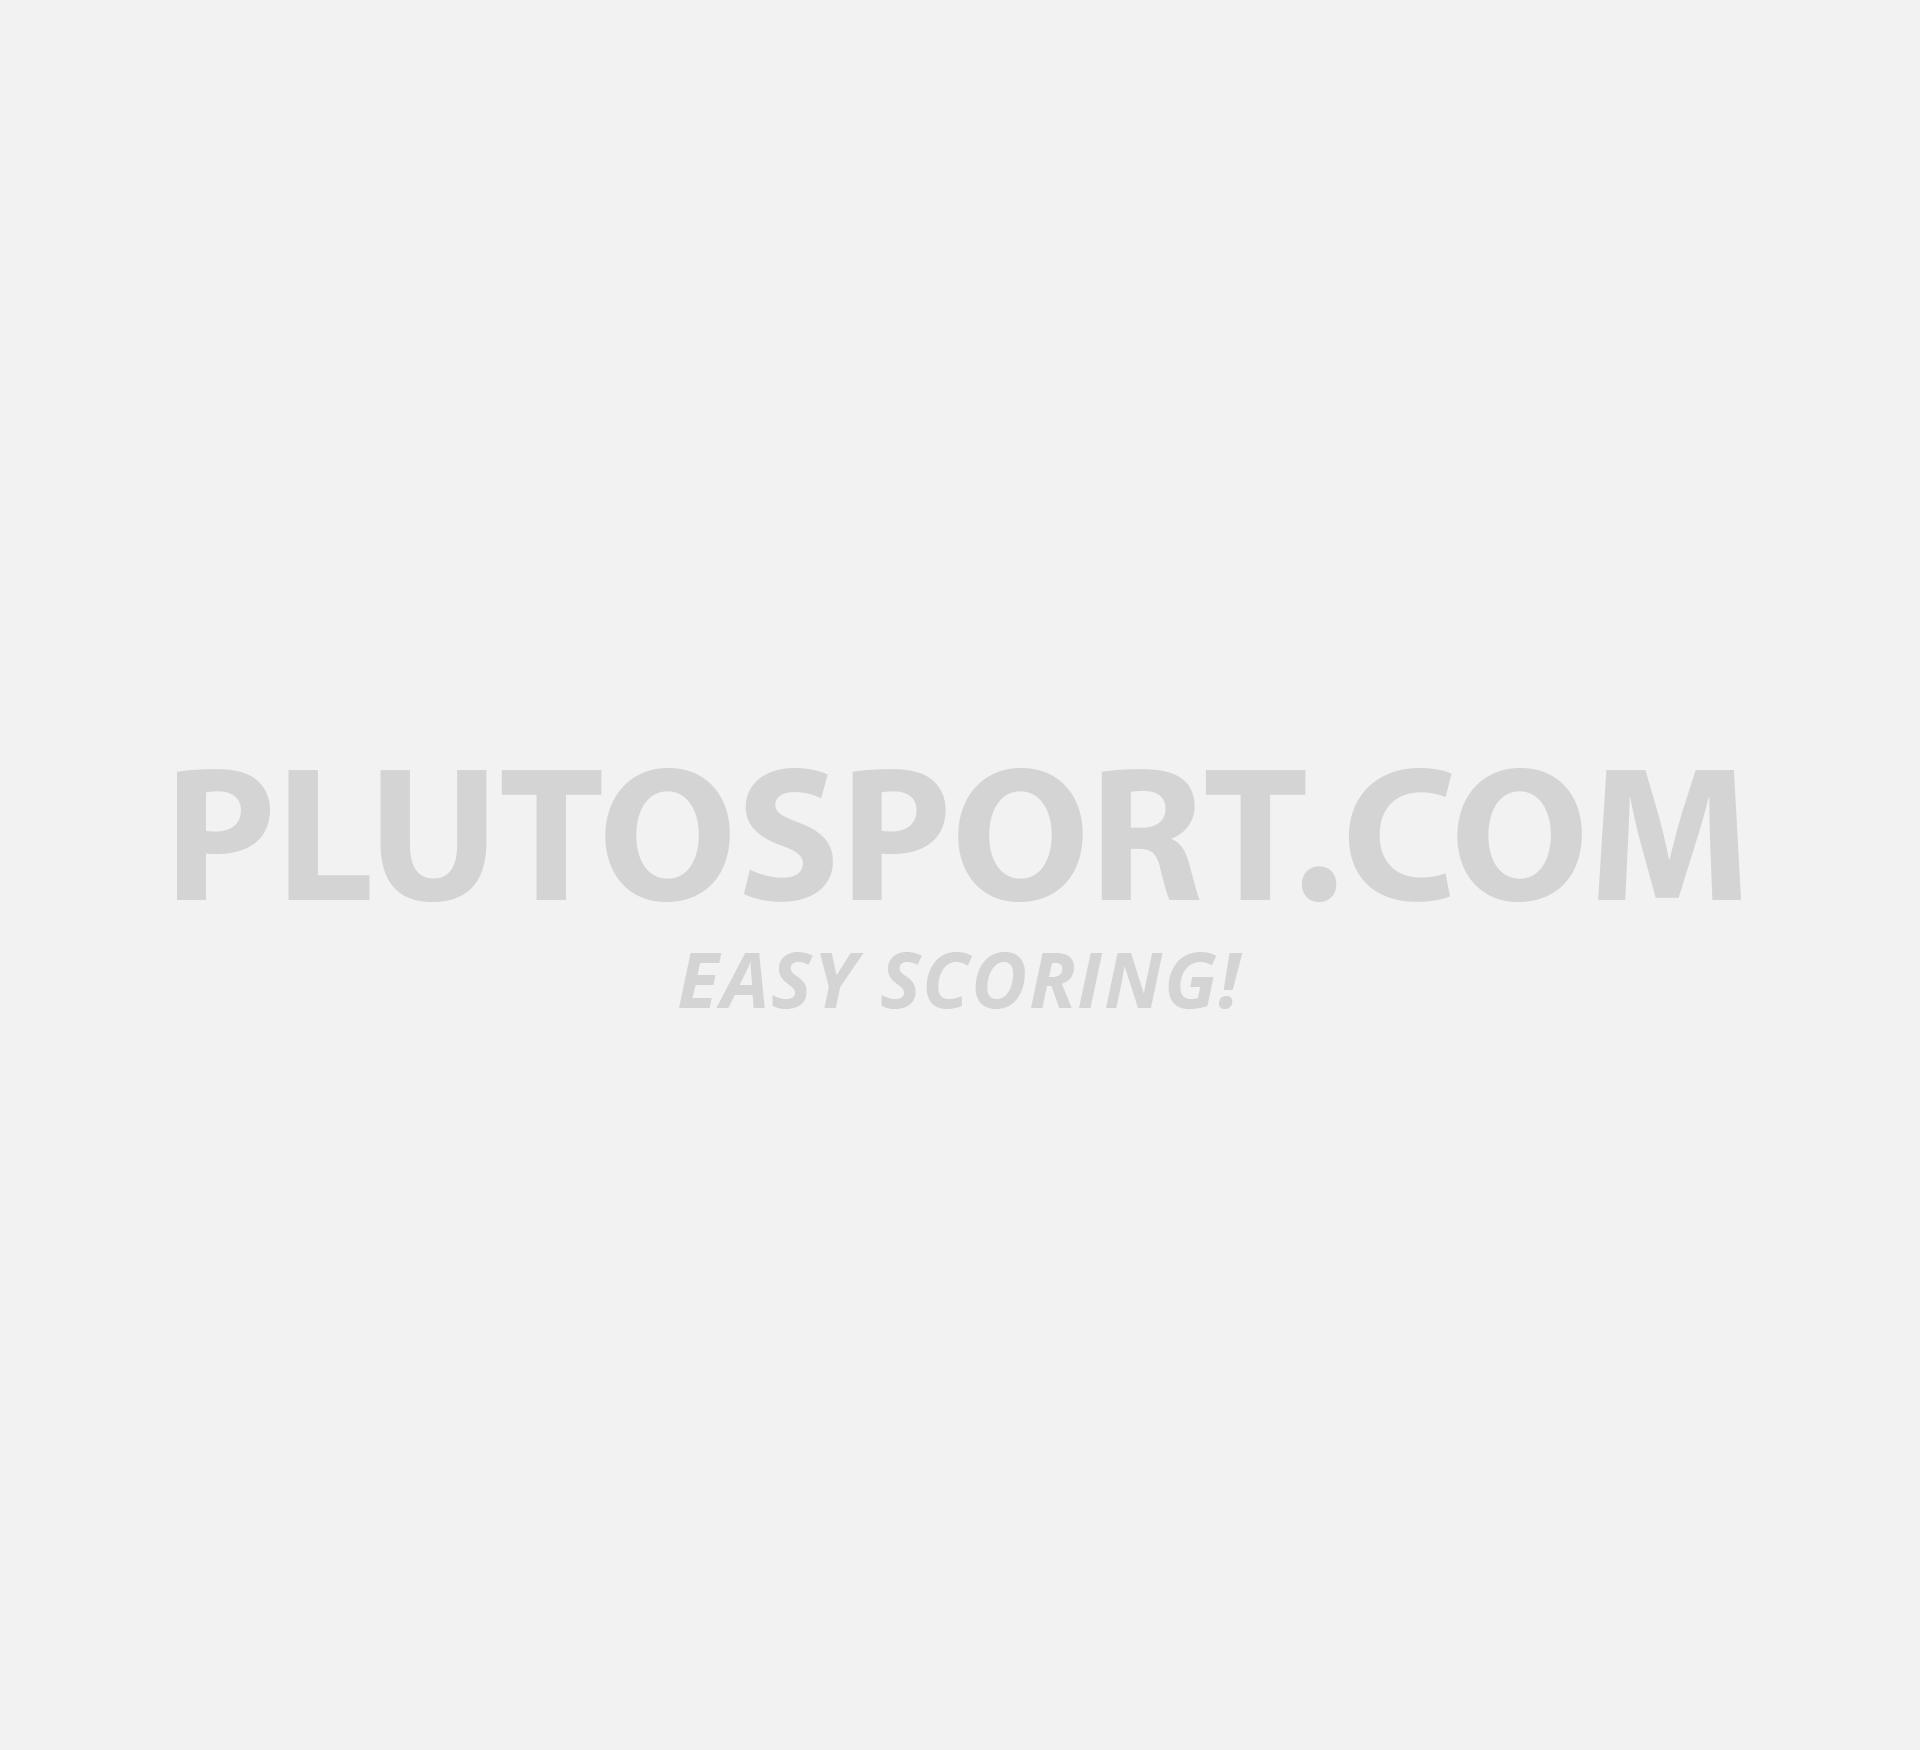 df8af31c92f1 Puma Gold Logo High Waist Short (3-pack) W - Underwear - Clothing -  Lifestyle - Sports